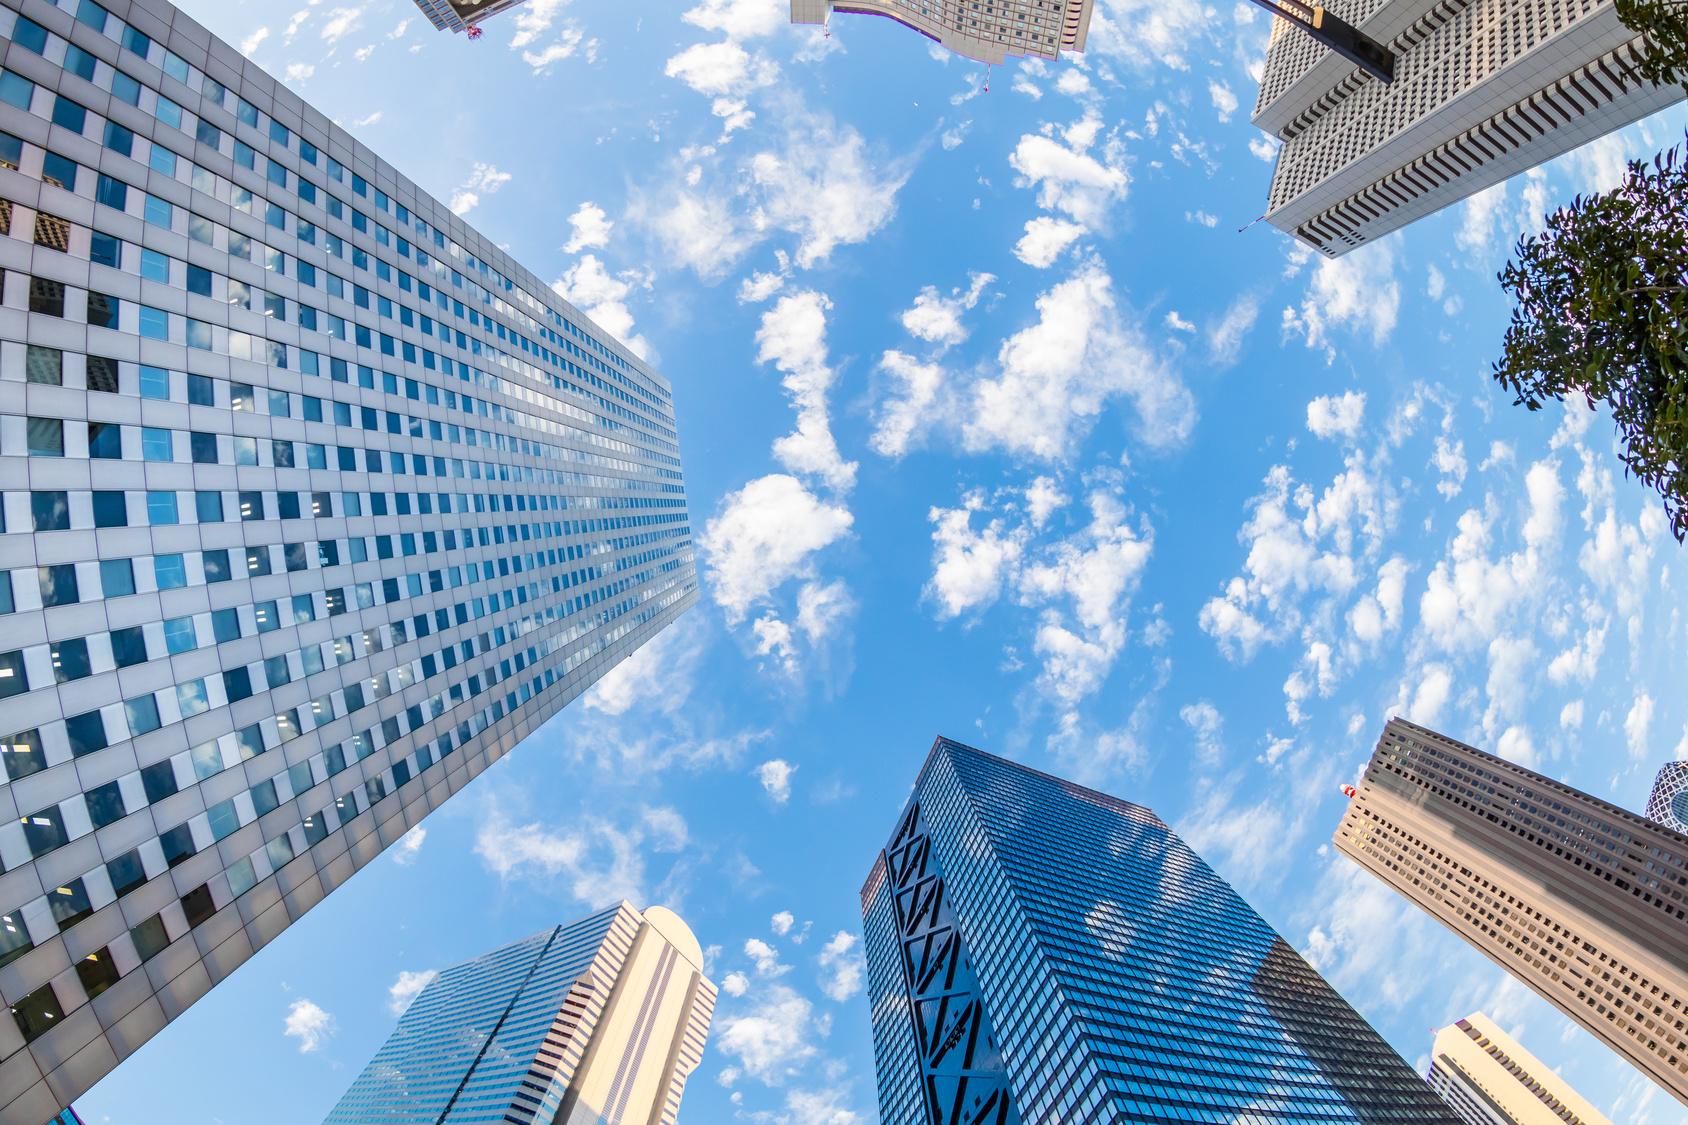 日本 新宿の風景 Tokyo Shinjuku skyscraper group